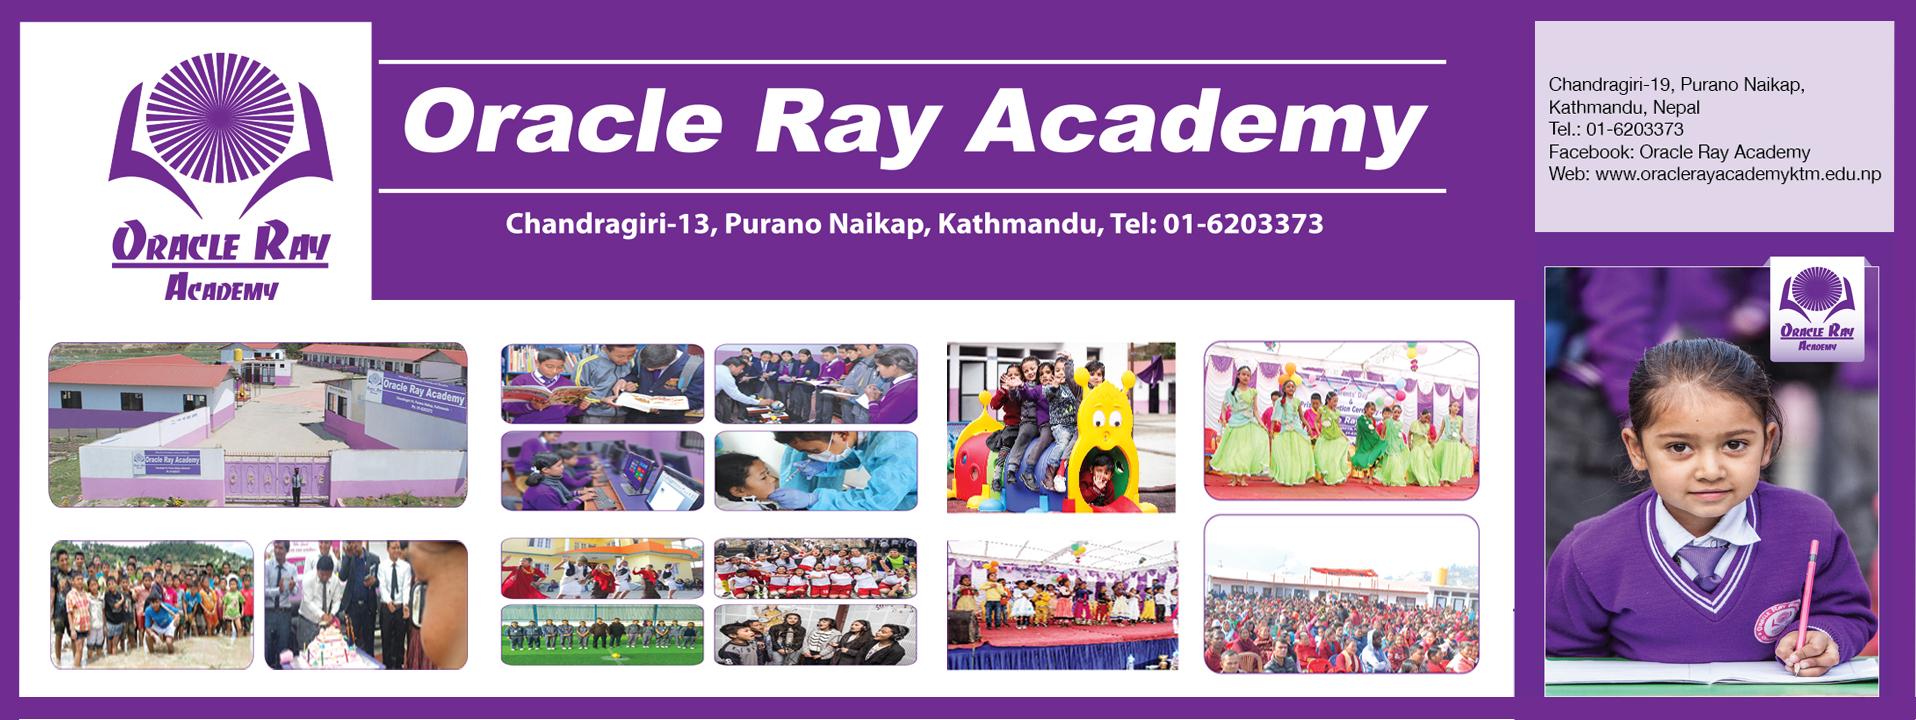 Chandragirinews oracalray स्वास्थ्यकर्मीको तलब रोकेर ६२ करोड सडक निर्माणमा स्वास्थ्य    chandragiri